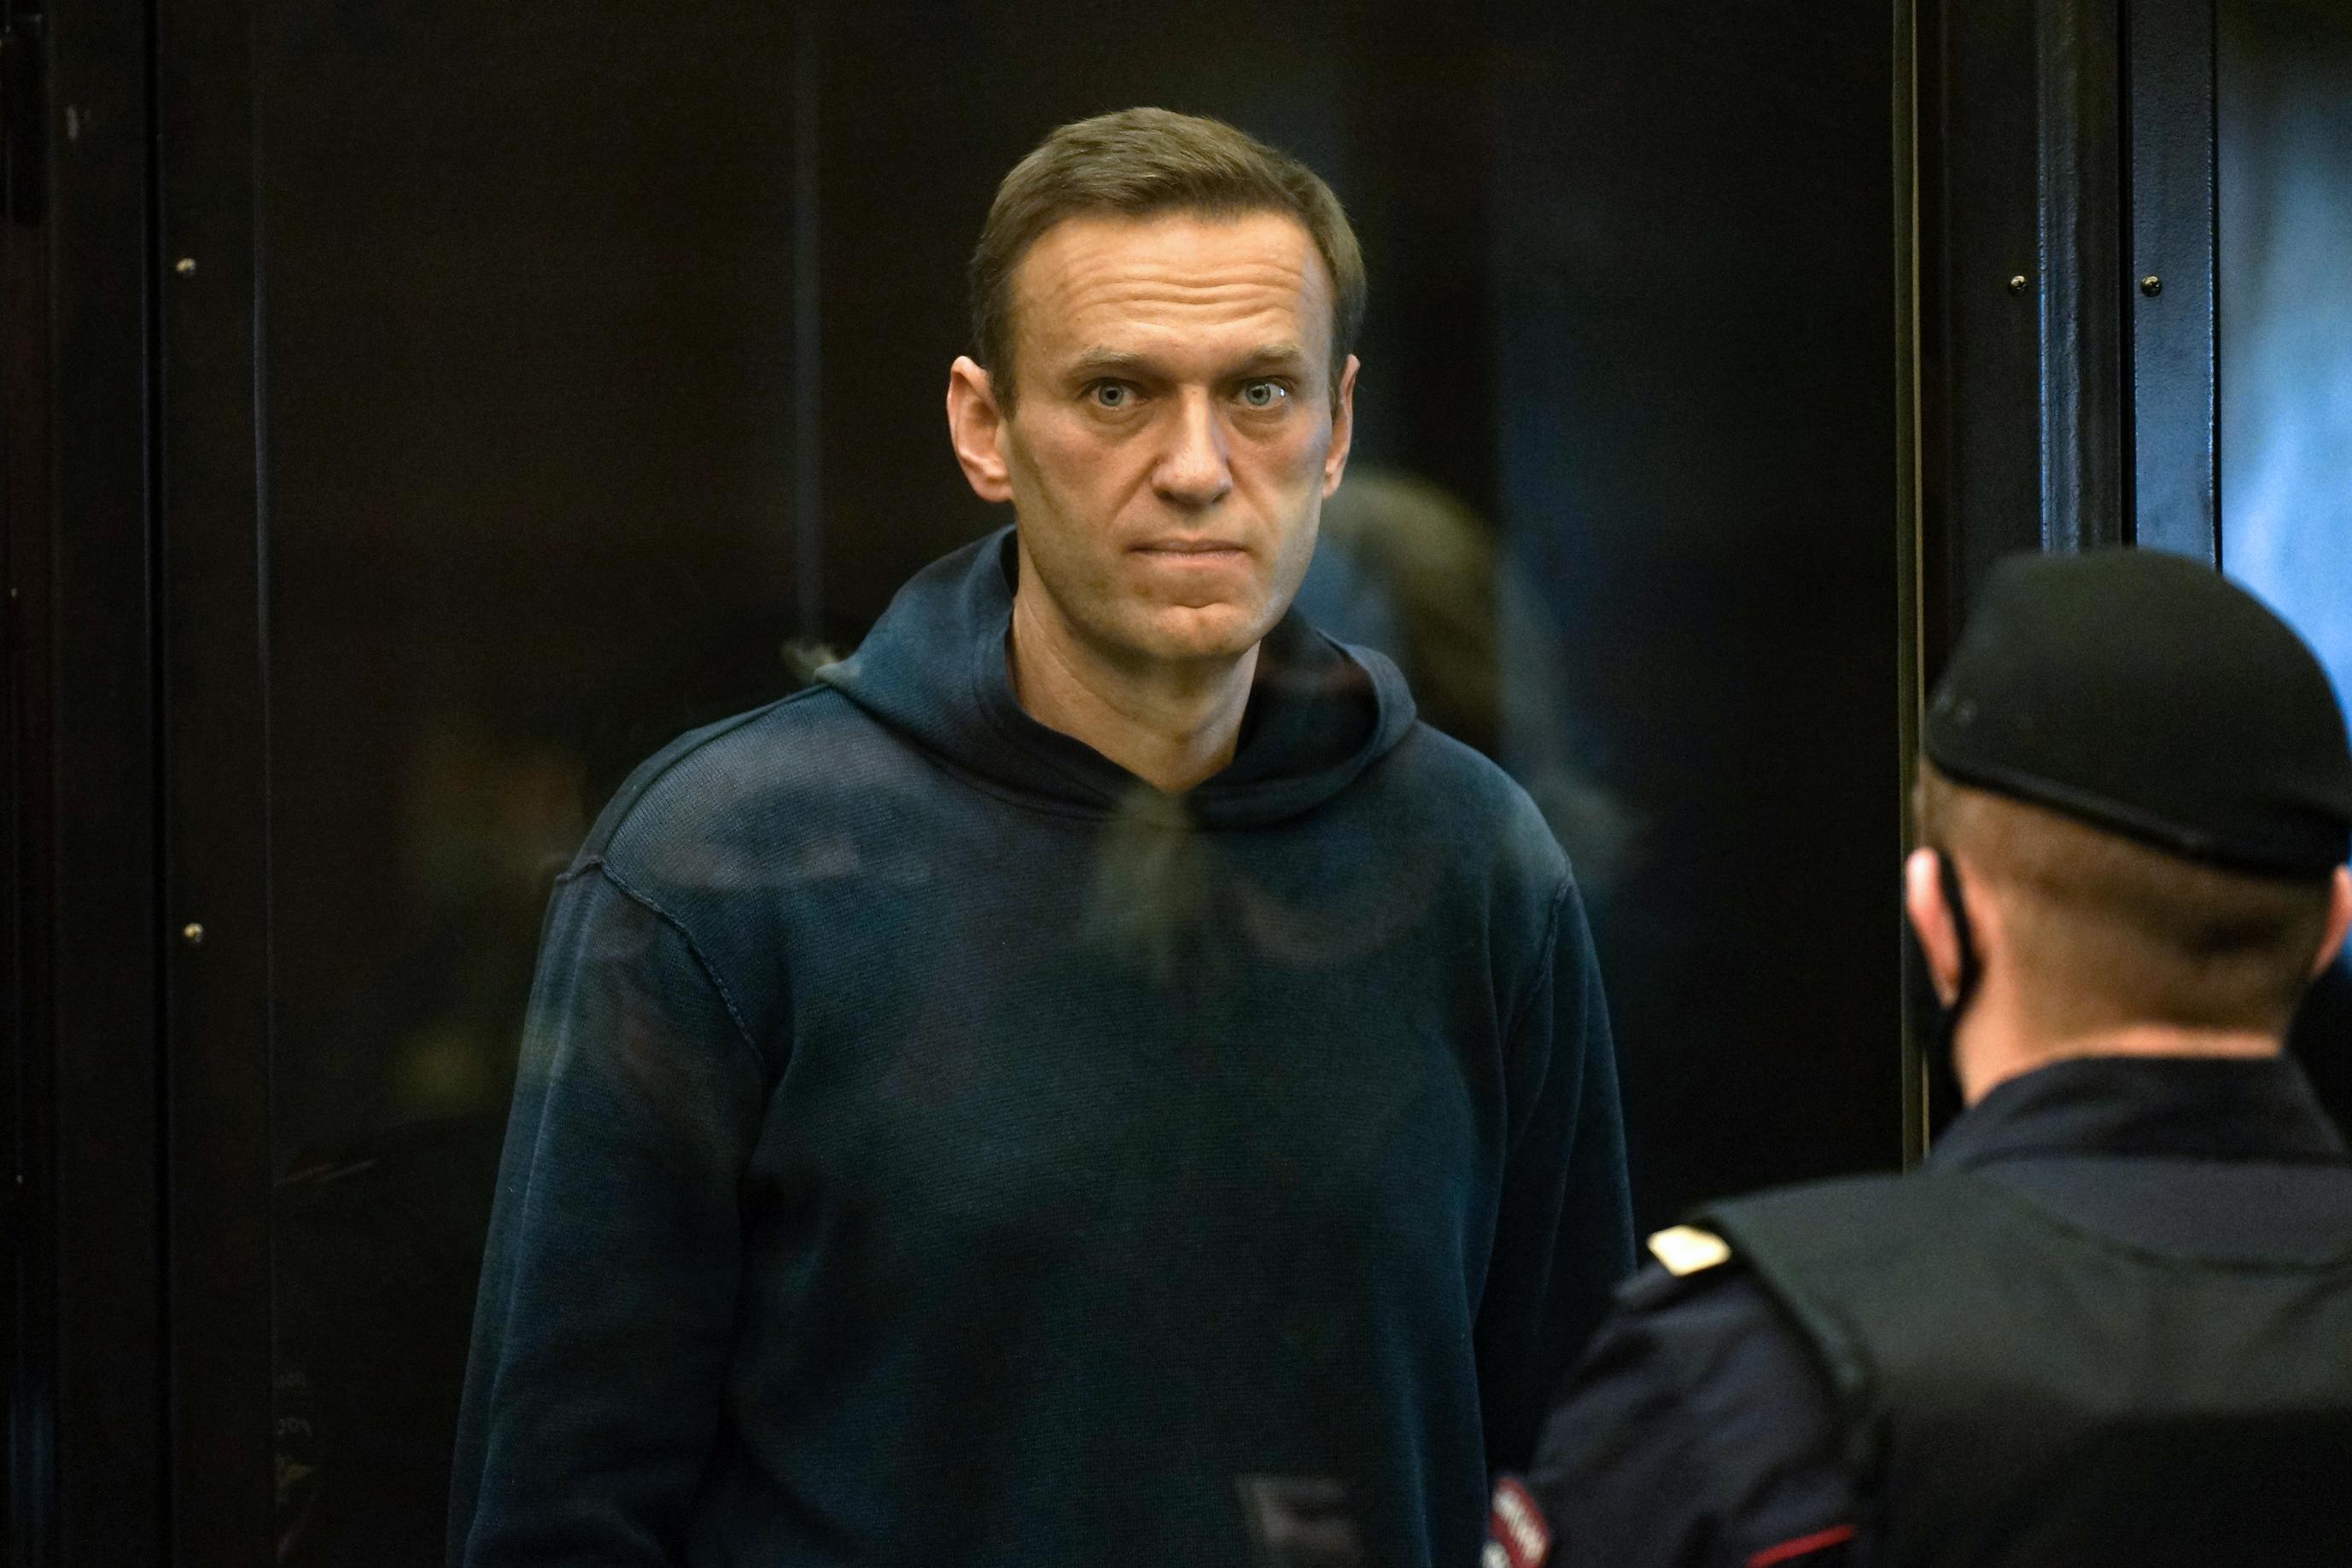 Navalnijnek napi ötször több órán át propagandafilmeket kell néznie a börtönben